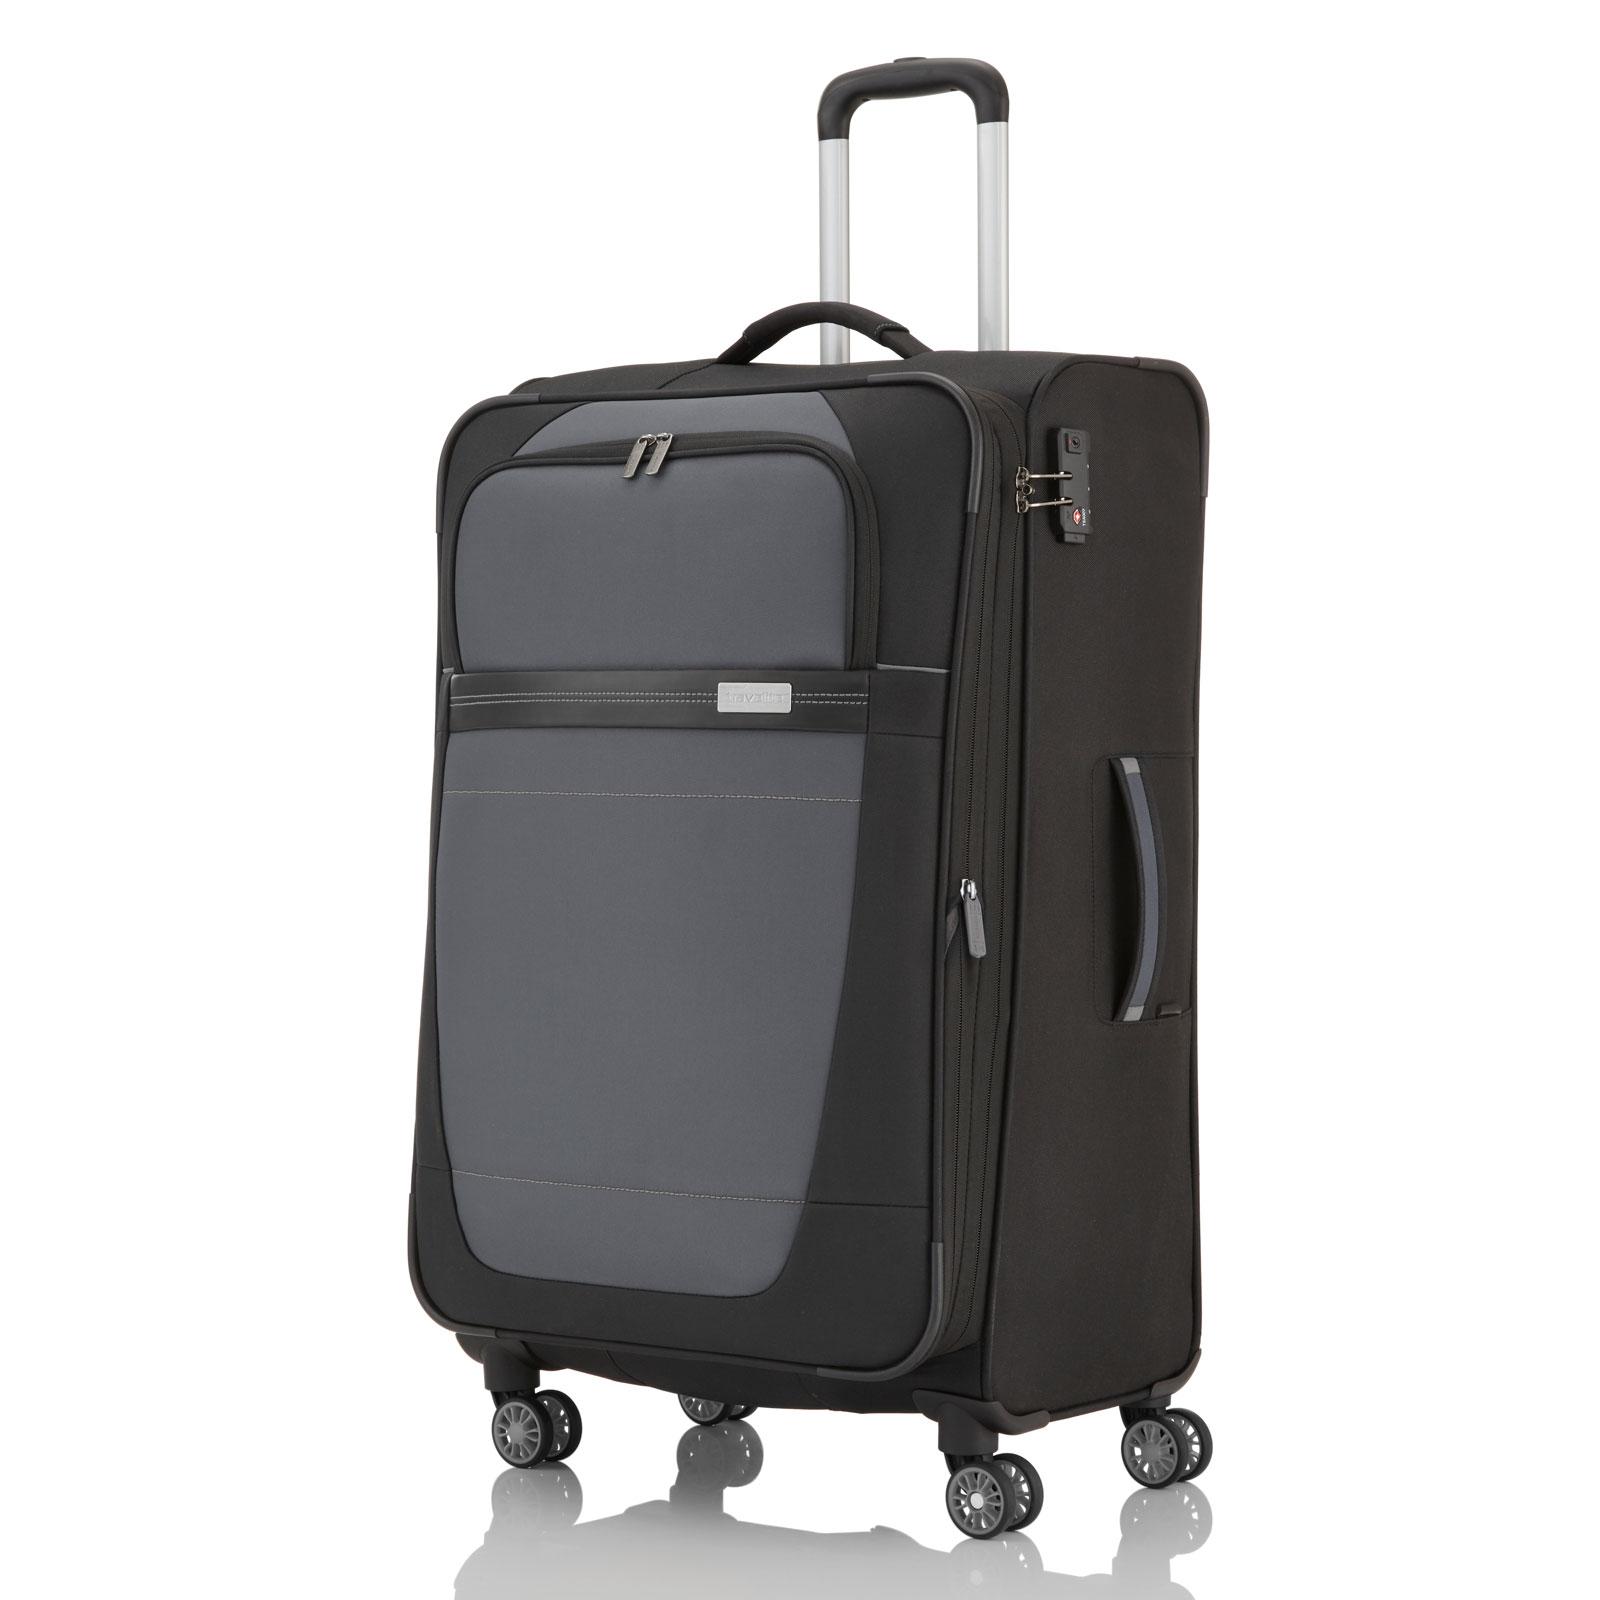 travelite meteor trolley 66 cm 4 rollen g nstig kaufen koffermarkt. Black Bedroom Furniture Sets. Home Design Ideas